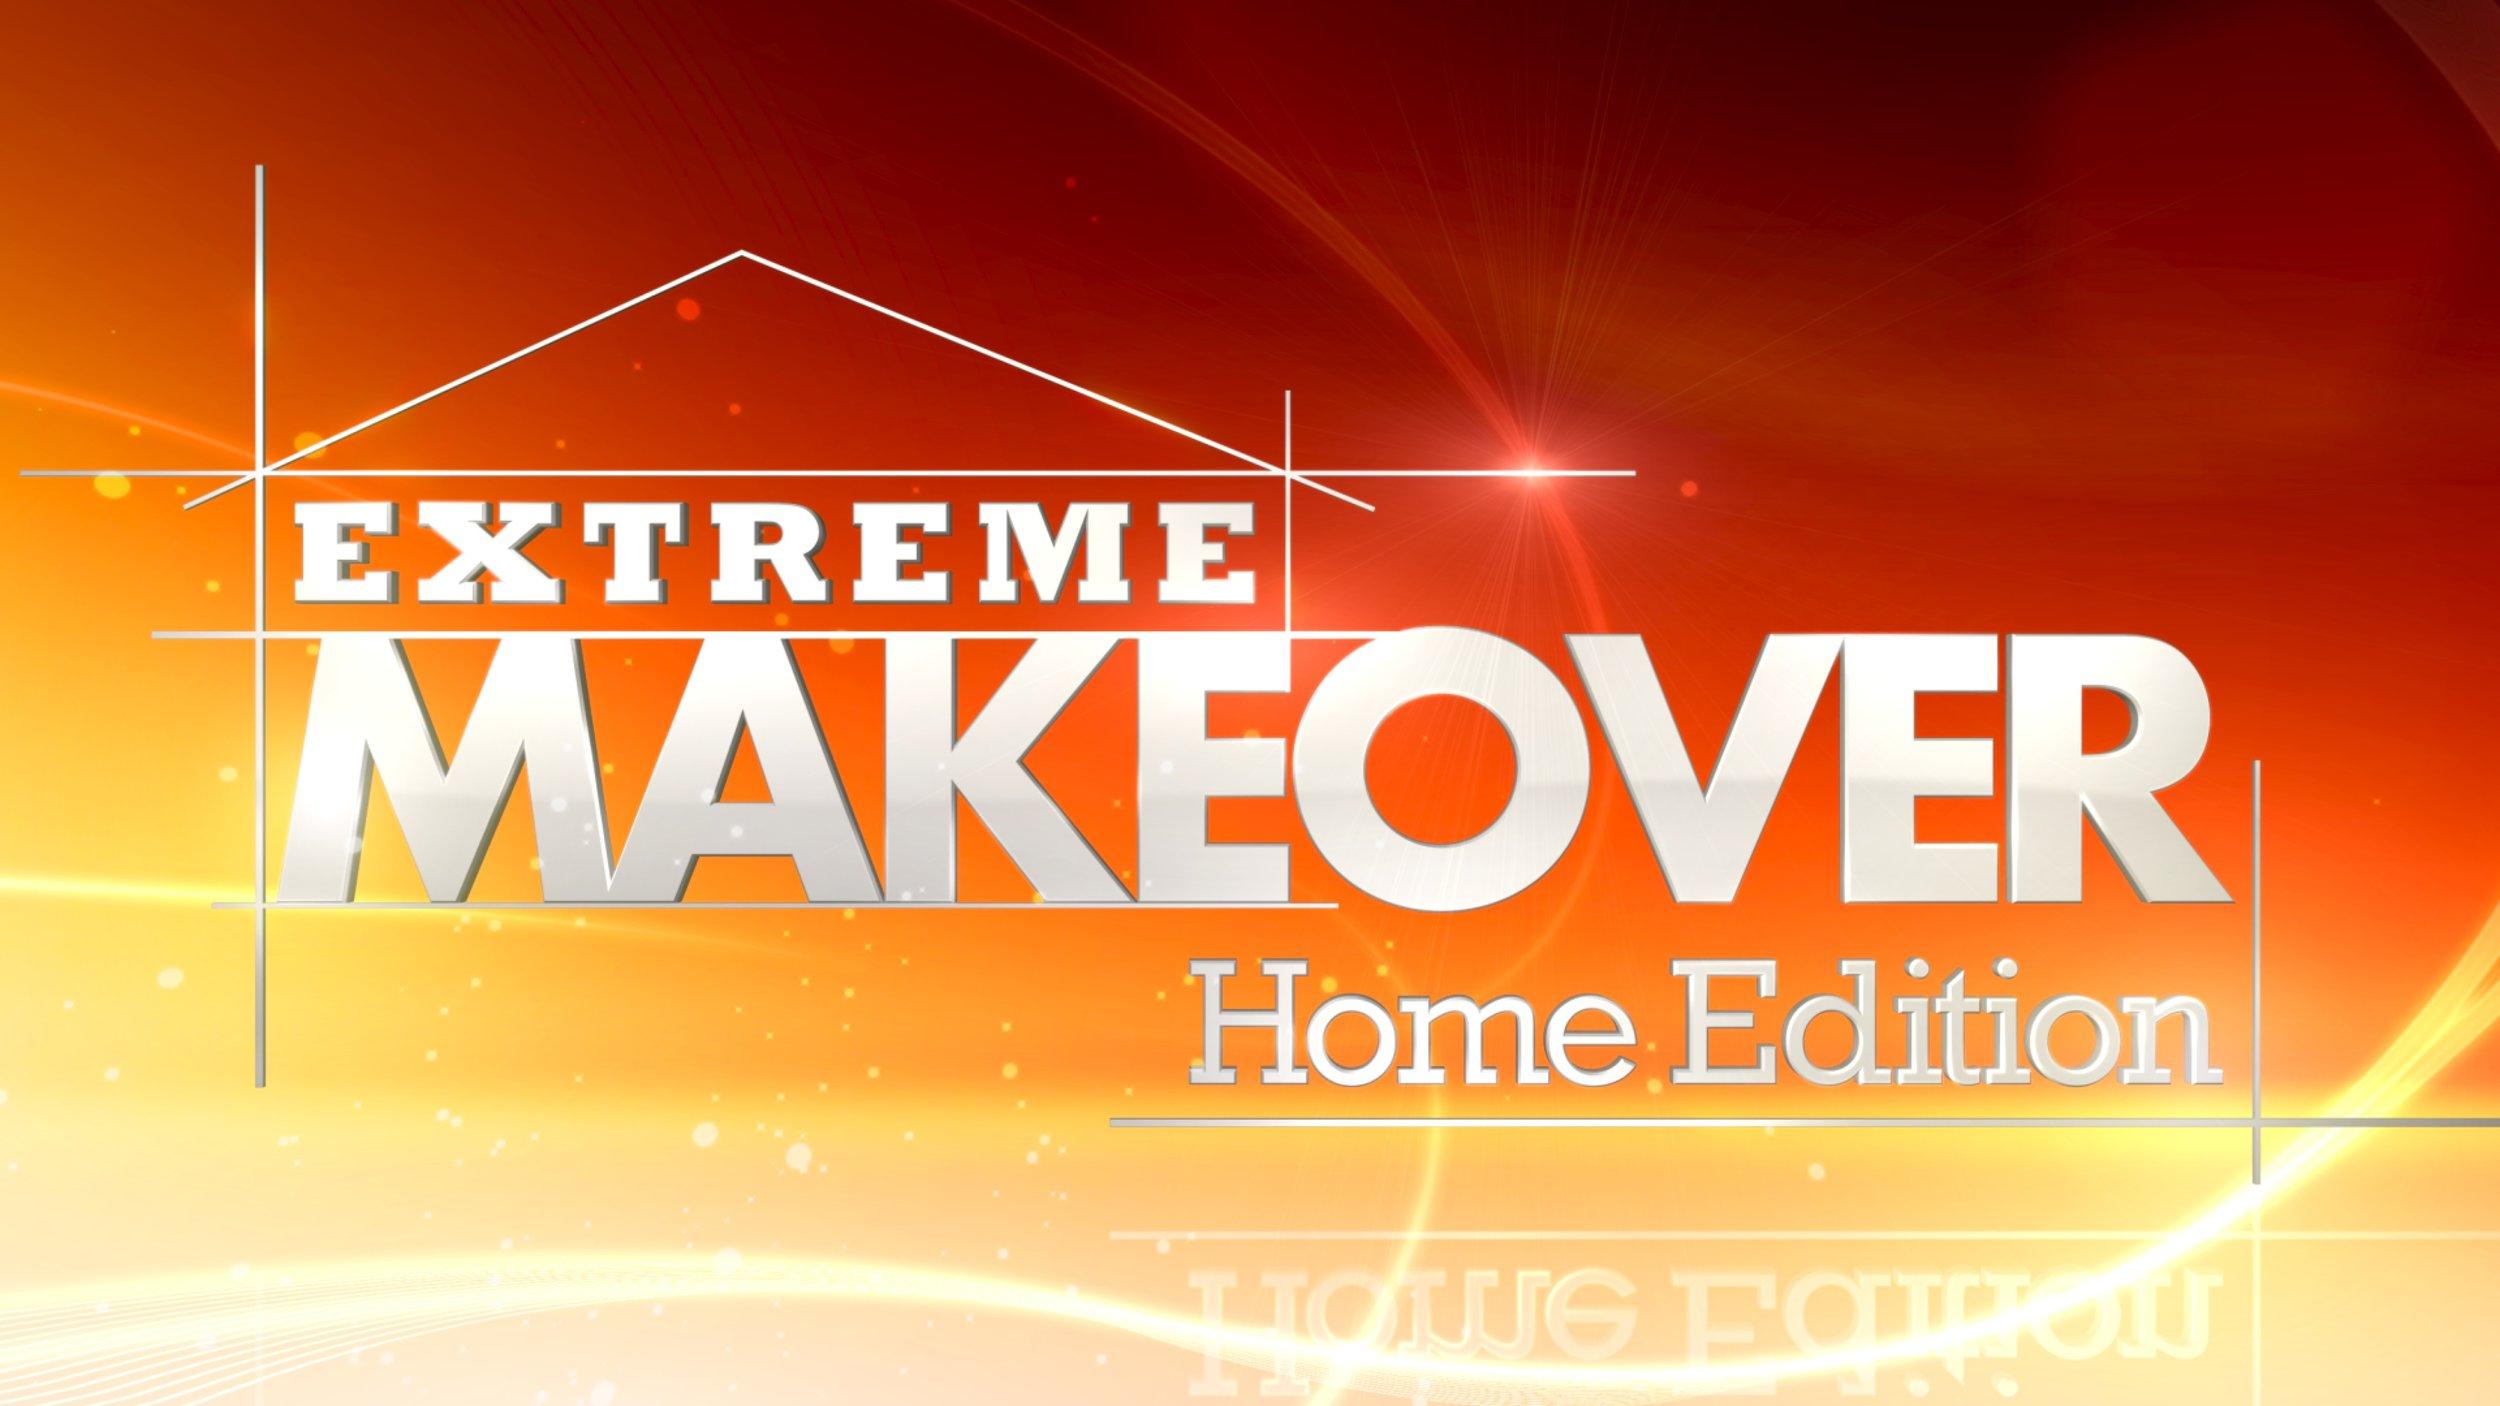 extreme makeover logo.jpg